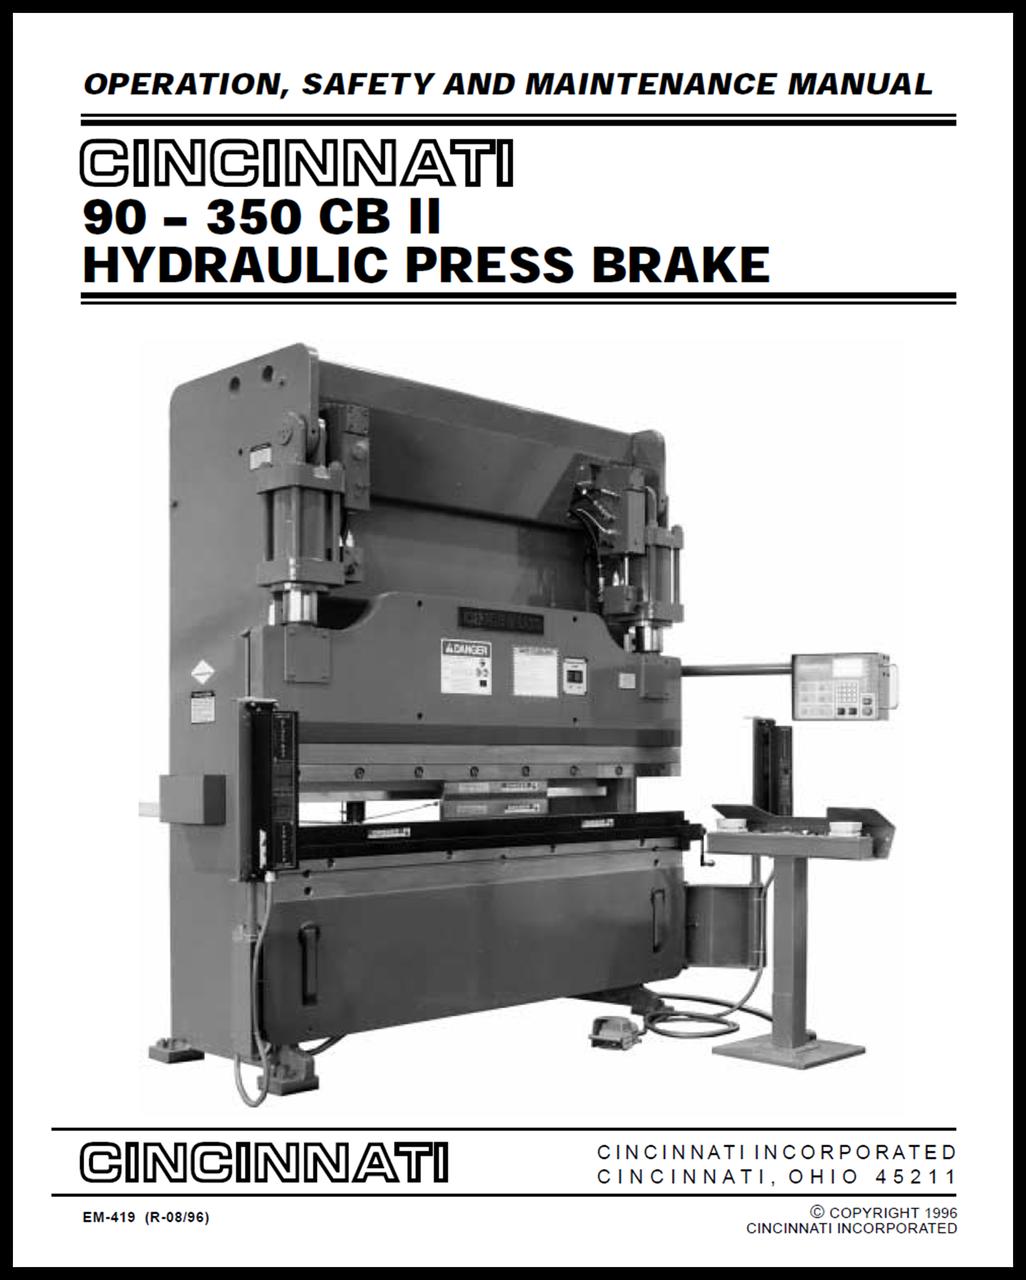 90 350 cb ii hydraulic press brake operation safety and maintenance rh ci online e ci com Press Brake Parts List Hydraulic Press Brake Circuit